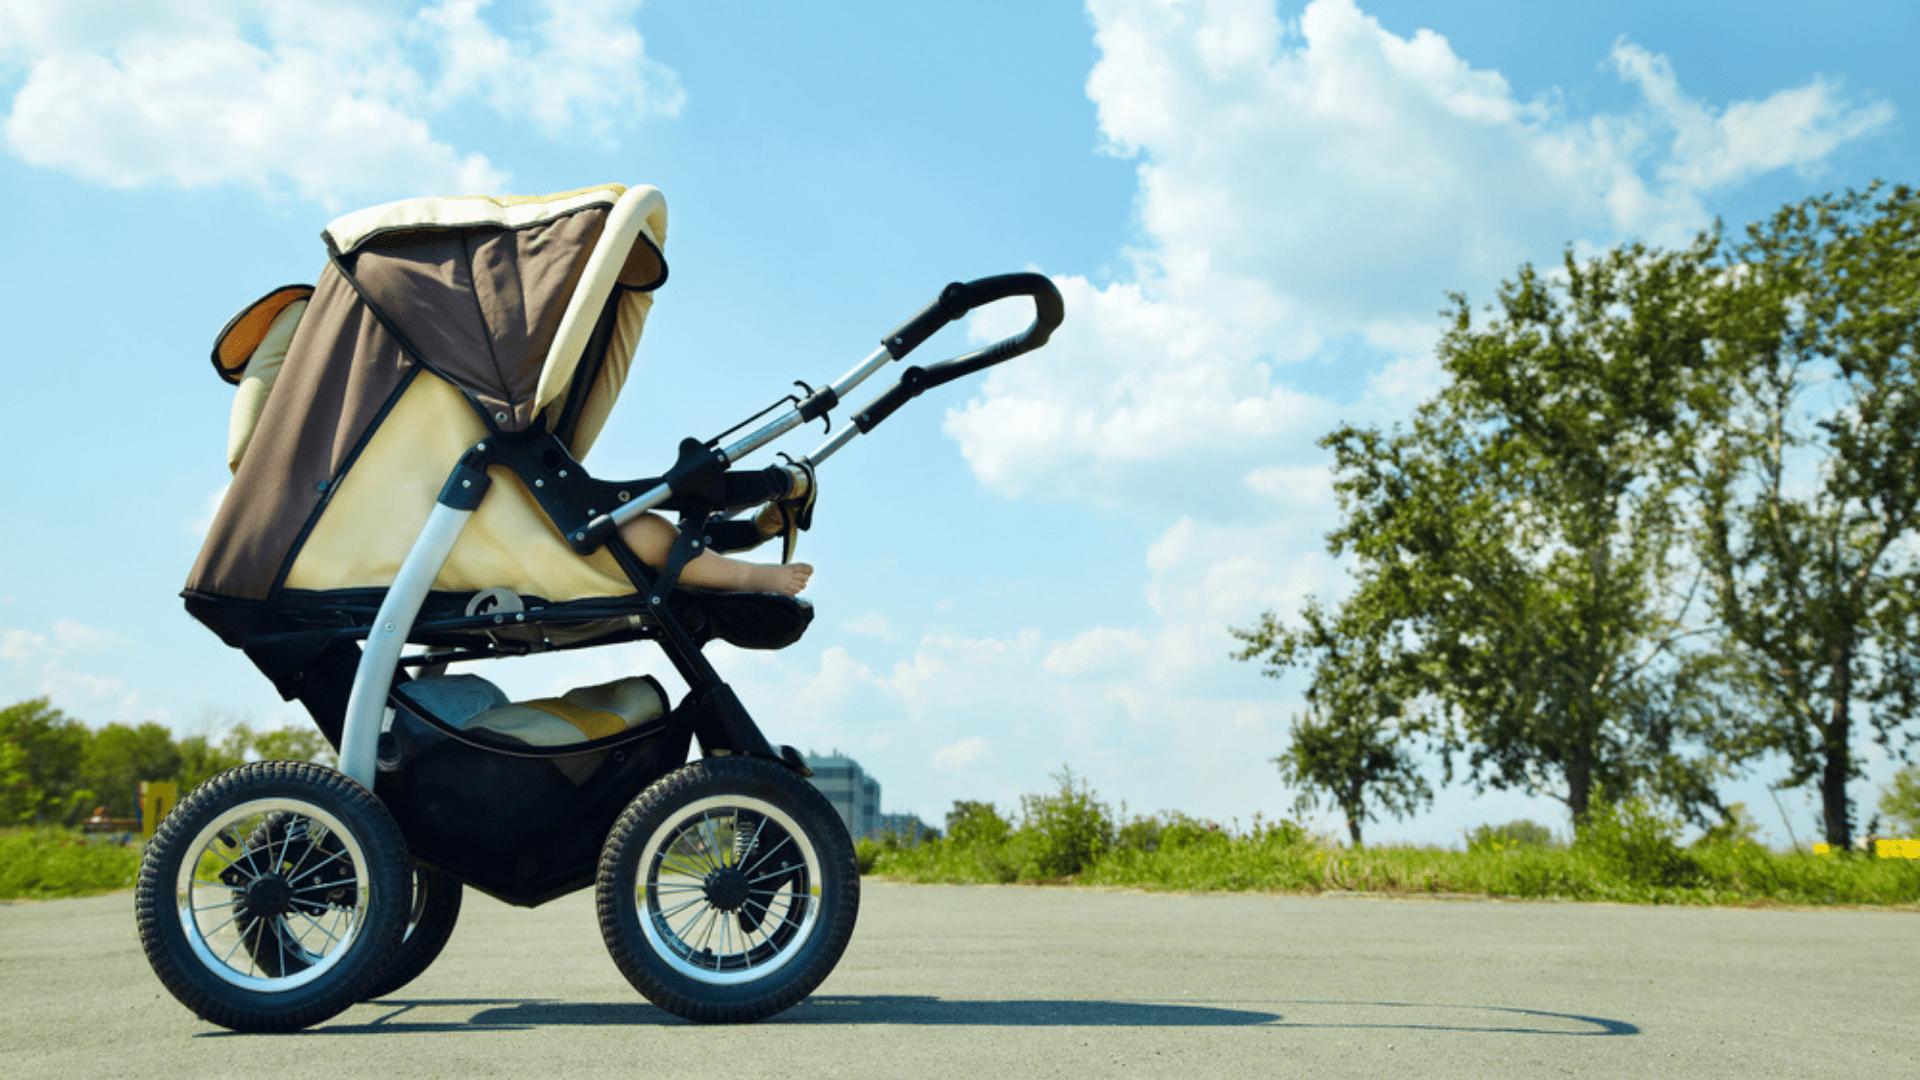 Veja a nossa seleção dos melhores carrinhos de bebê Cosco de 2021! (Imagem: Reprodução/Shutterstock)